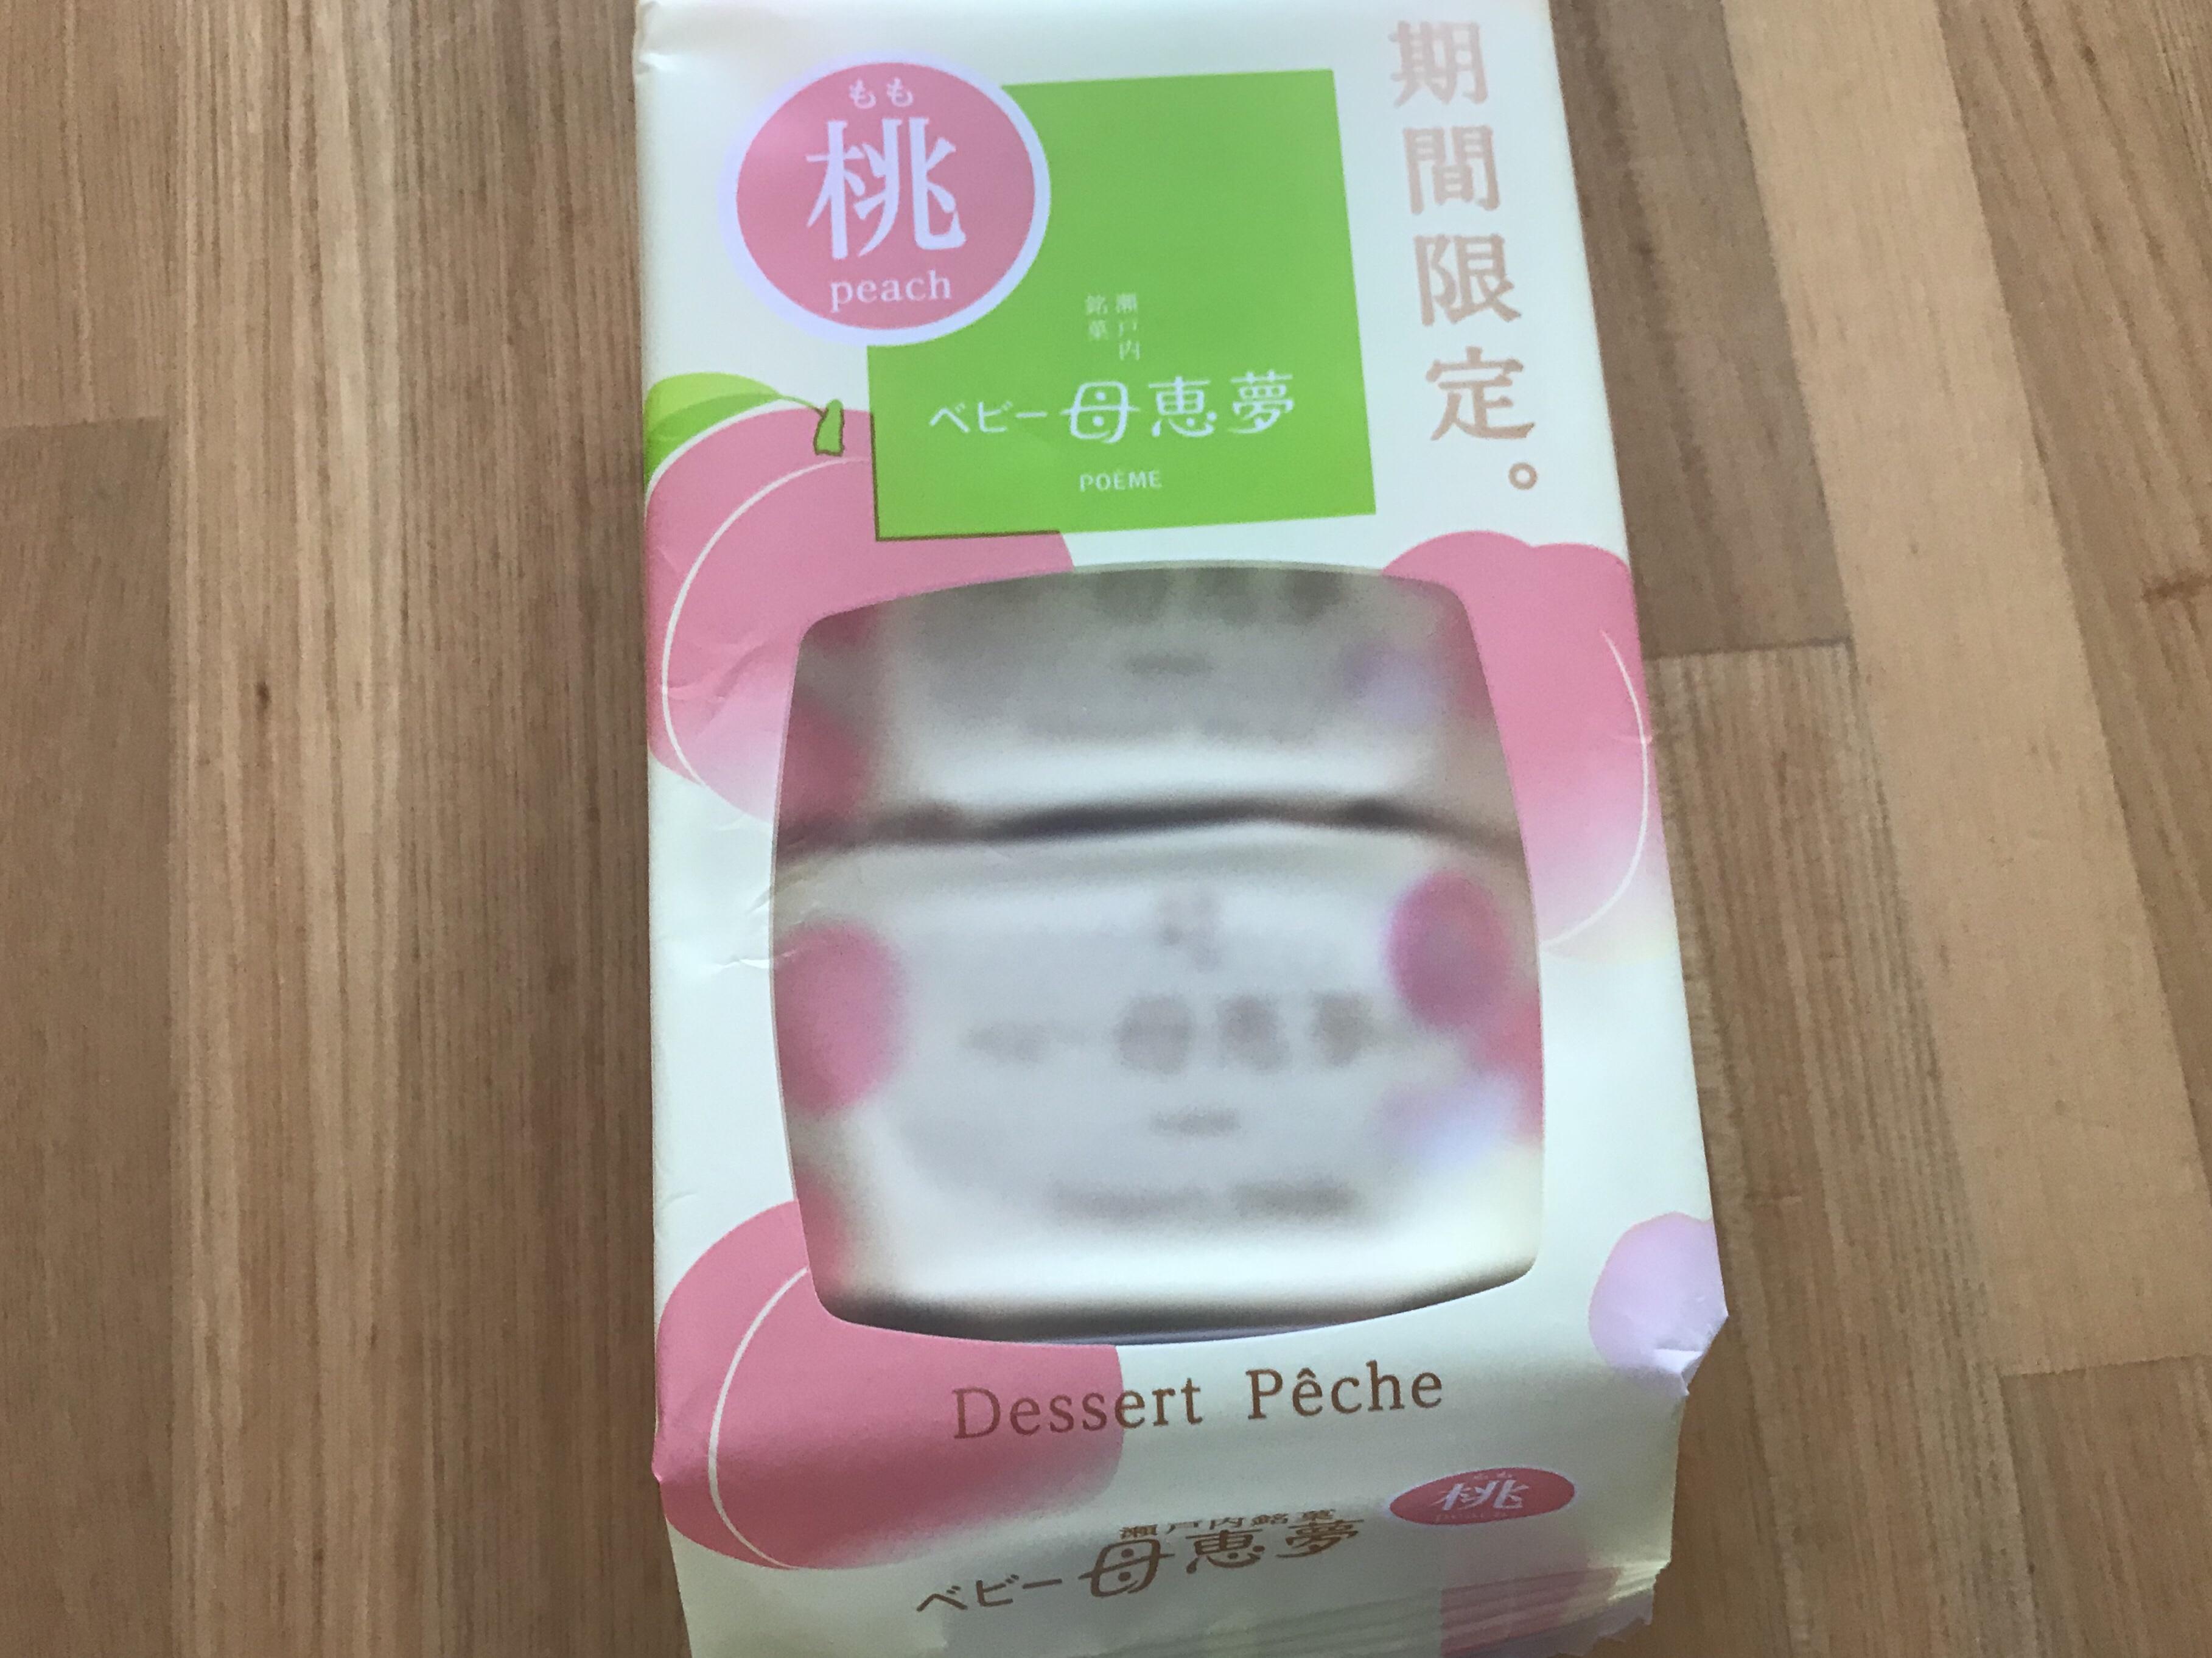 愛媛のお土産のド定番の「母恵夢」が進化!期間限定発売中の「ベビー母恵夢 桃」を食べてみた!